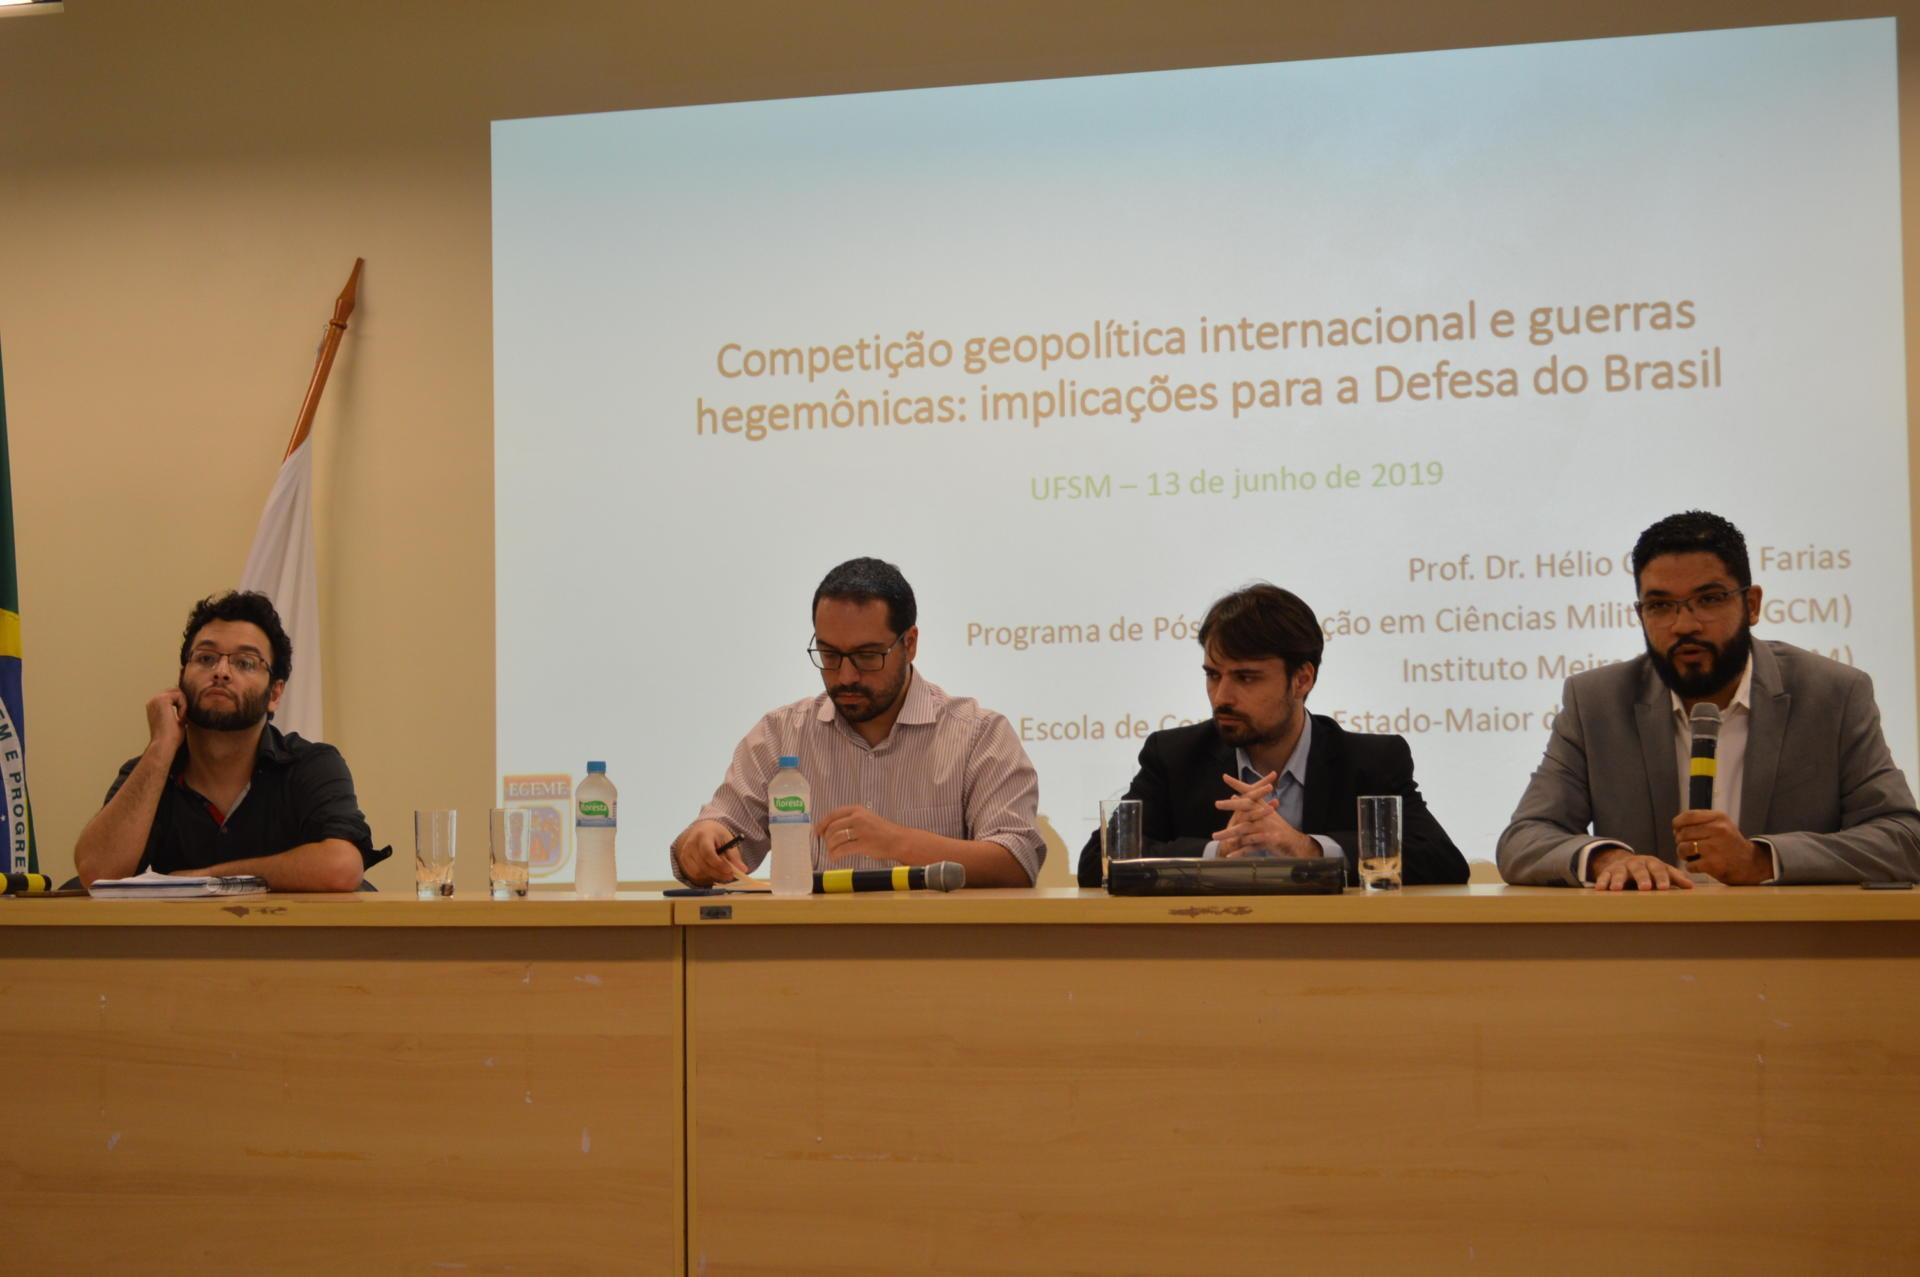 Foto colorida horizontal mostra quatro homens sentados em uma mesa no palco do auditório, voltados ao público, e no fundo um telão com o título da palestra